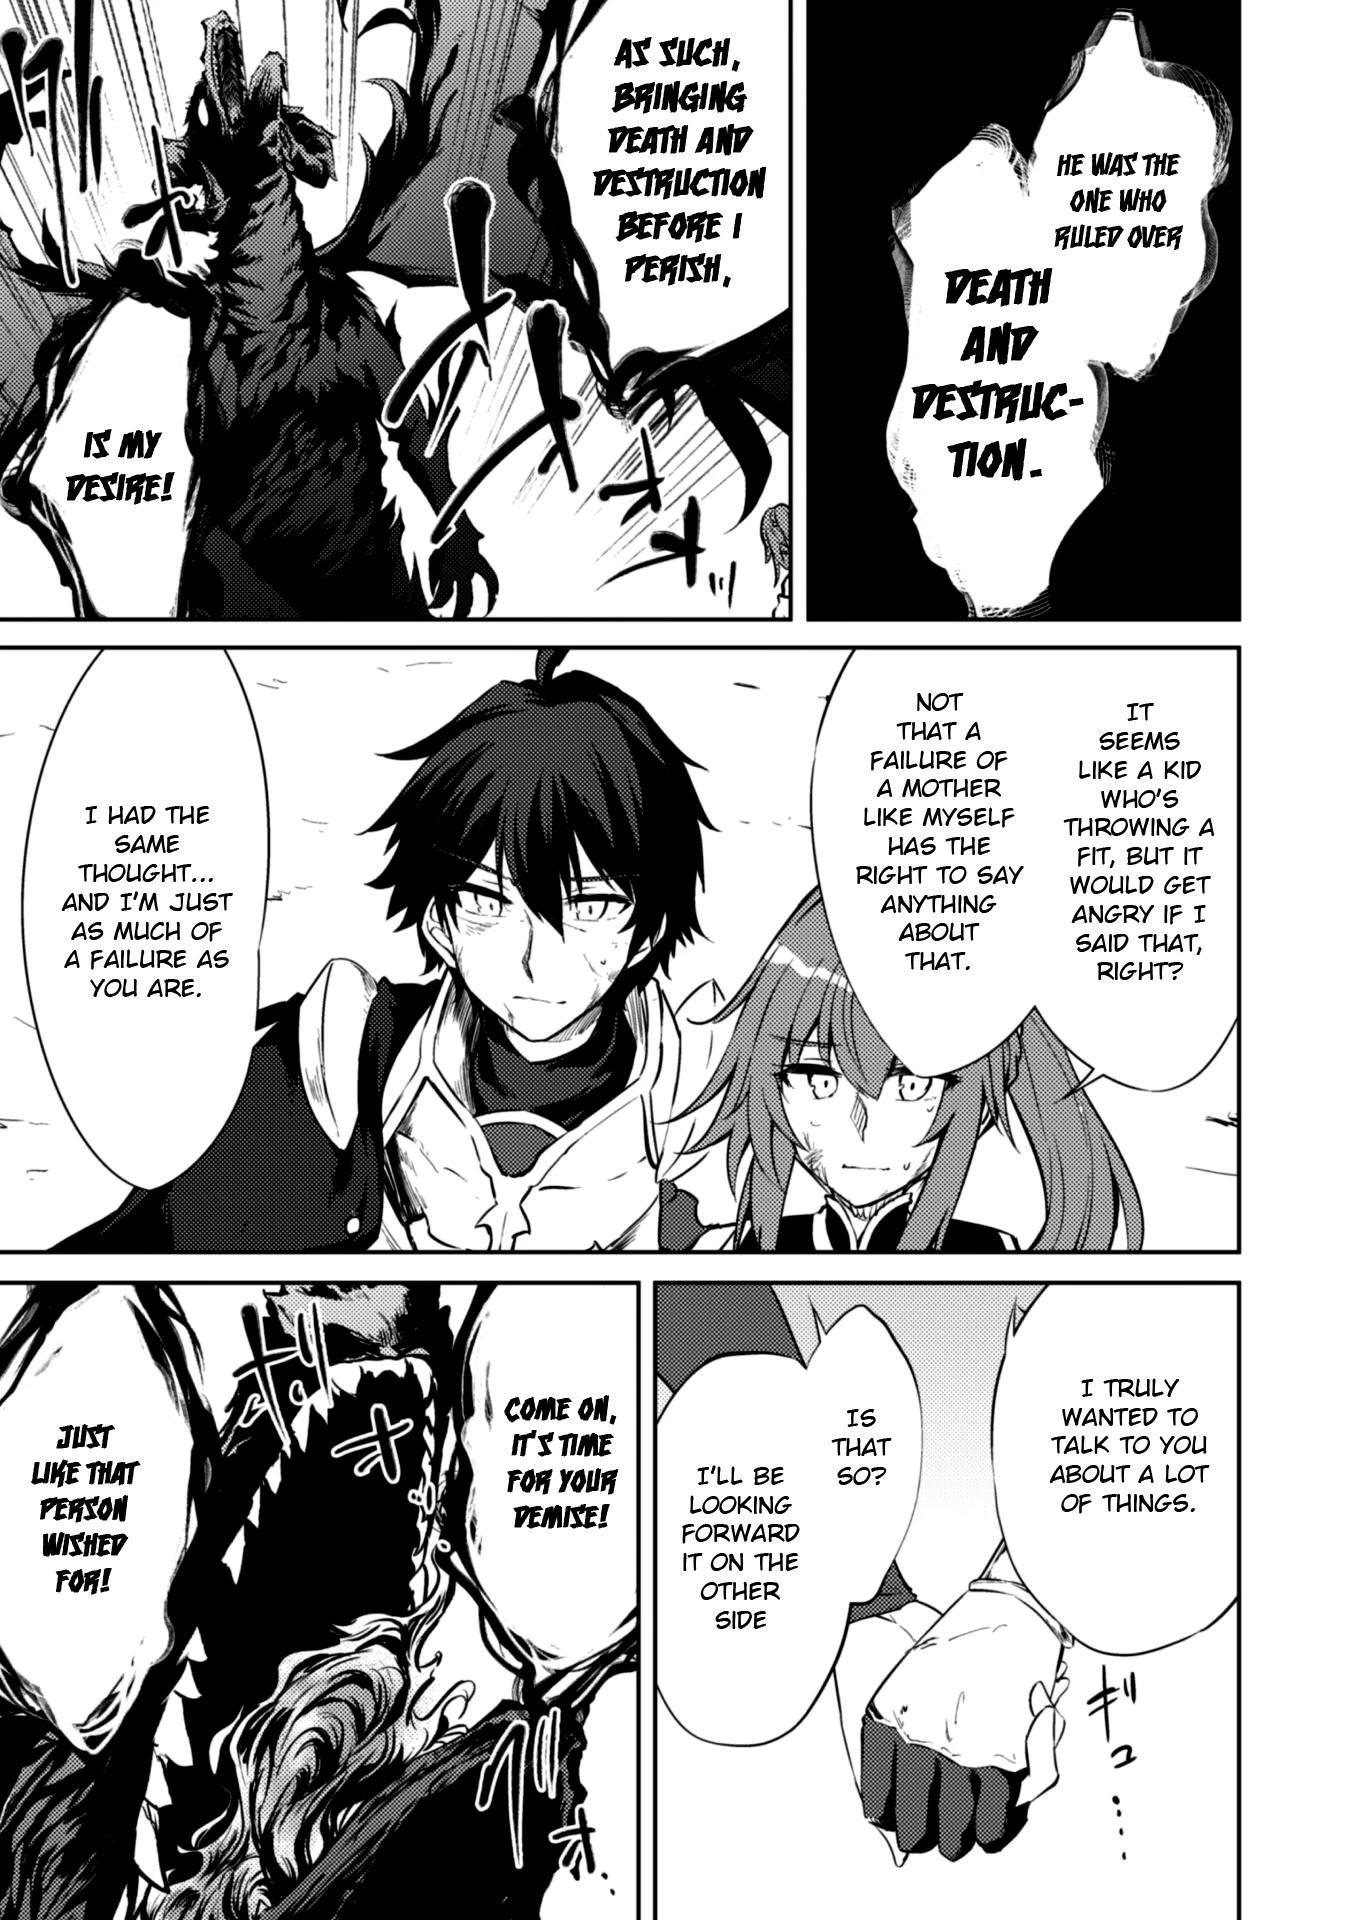 Moto Saikyou No Kenshi Wa, Isekai Mahou Ni Akogareru Chapter 23 page 15 - Mangakakalots.com